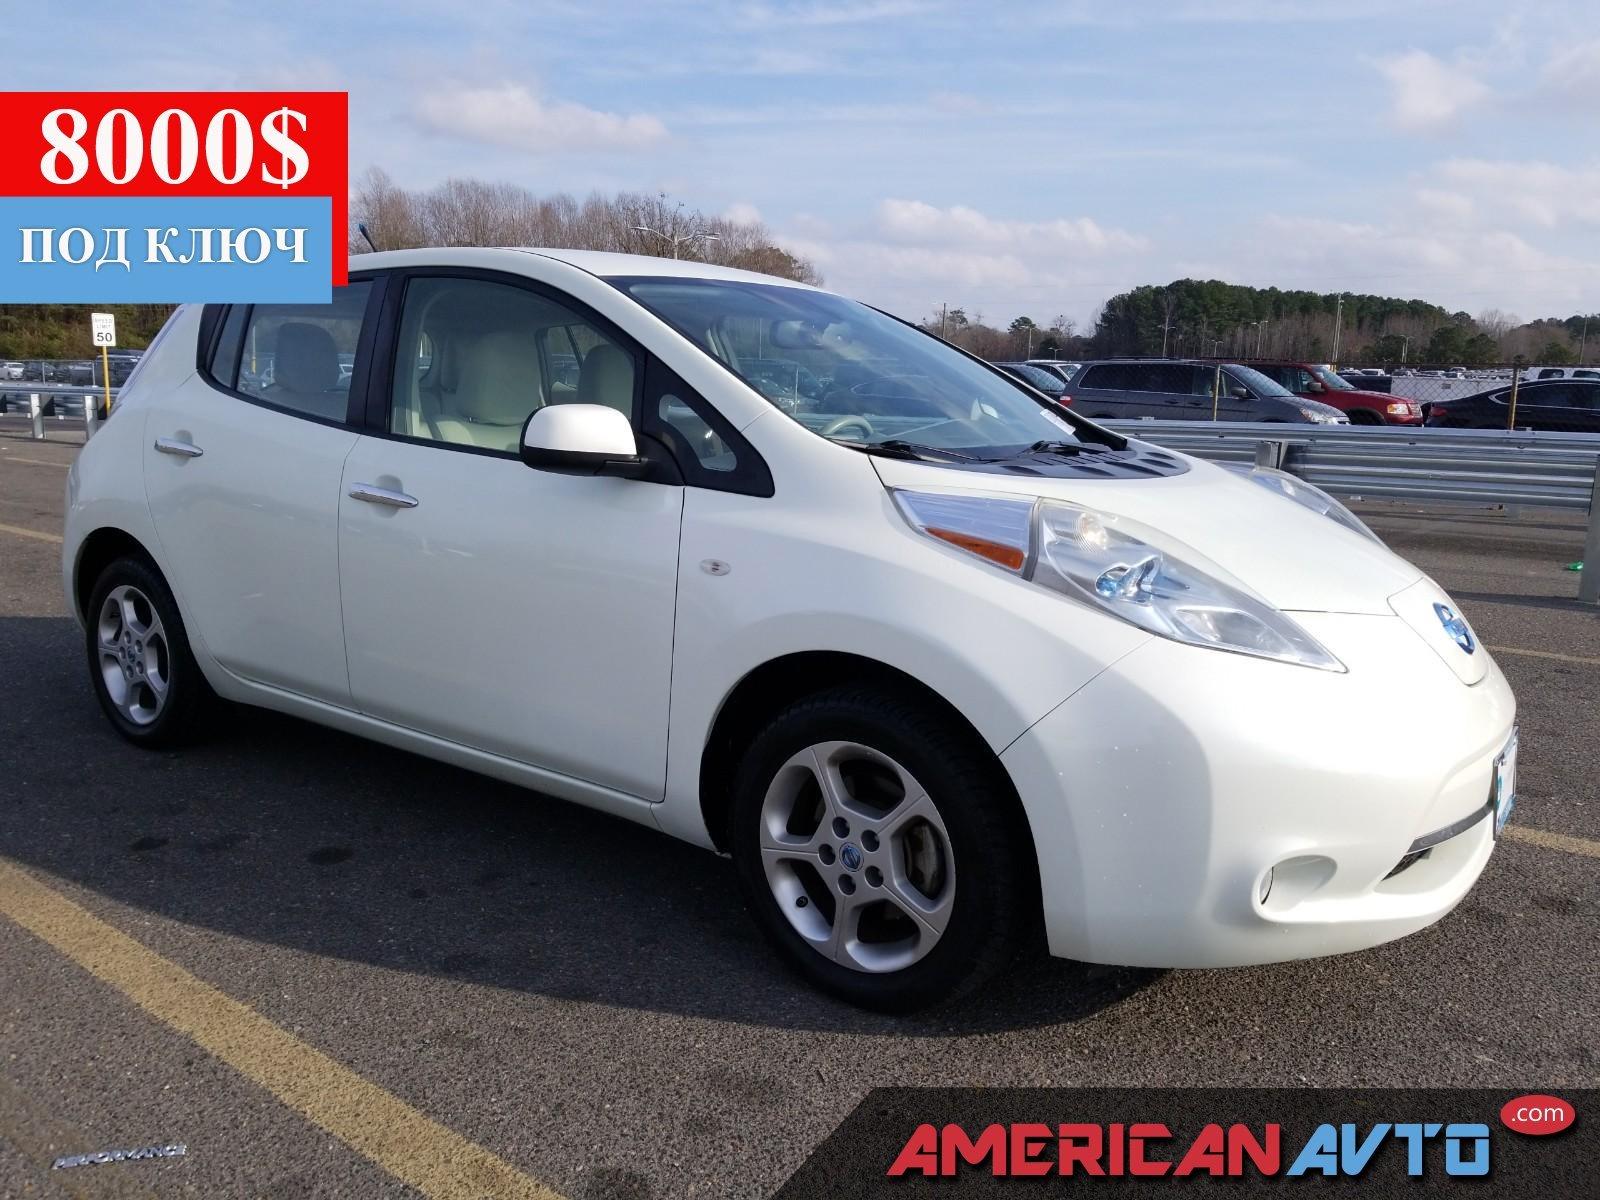 Купить бу Nissan LEAF 24.2kWt 2014 года в США